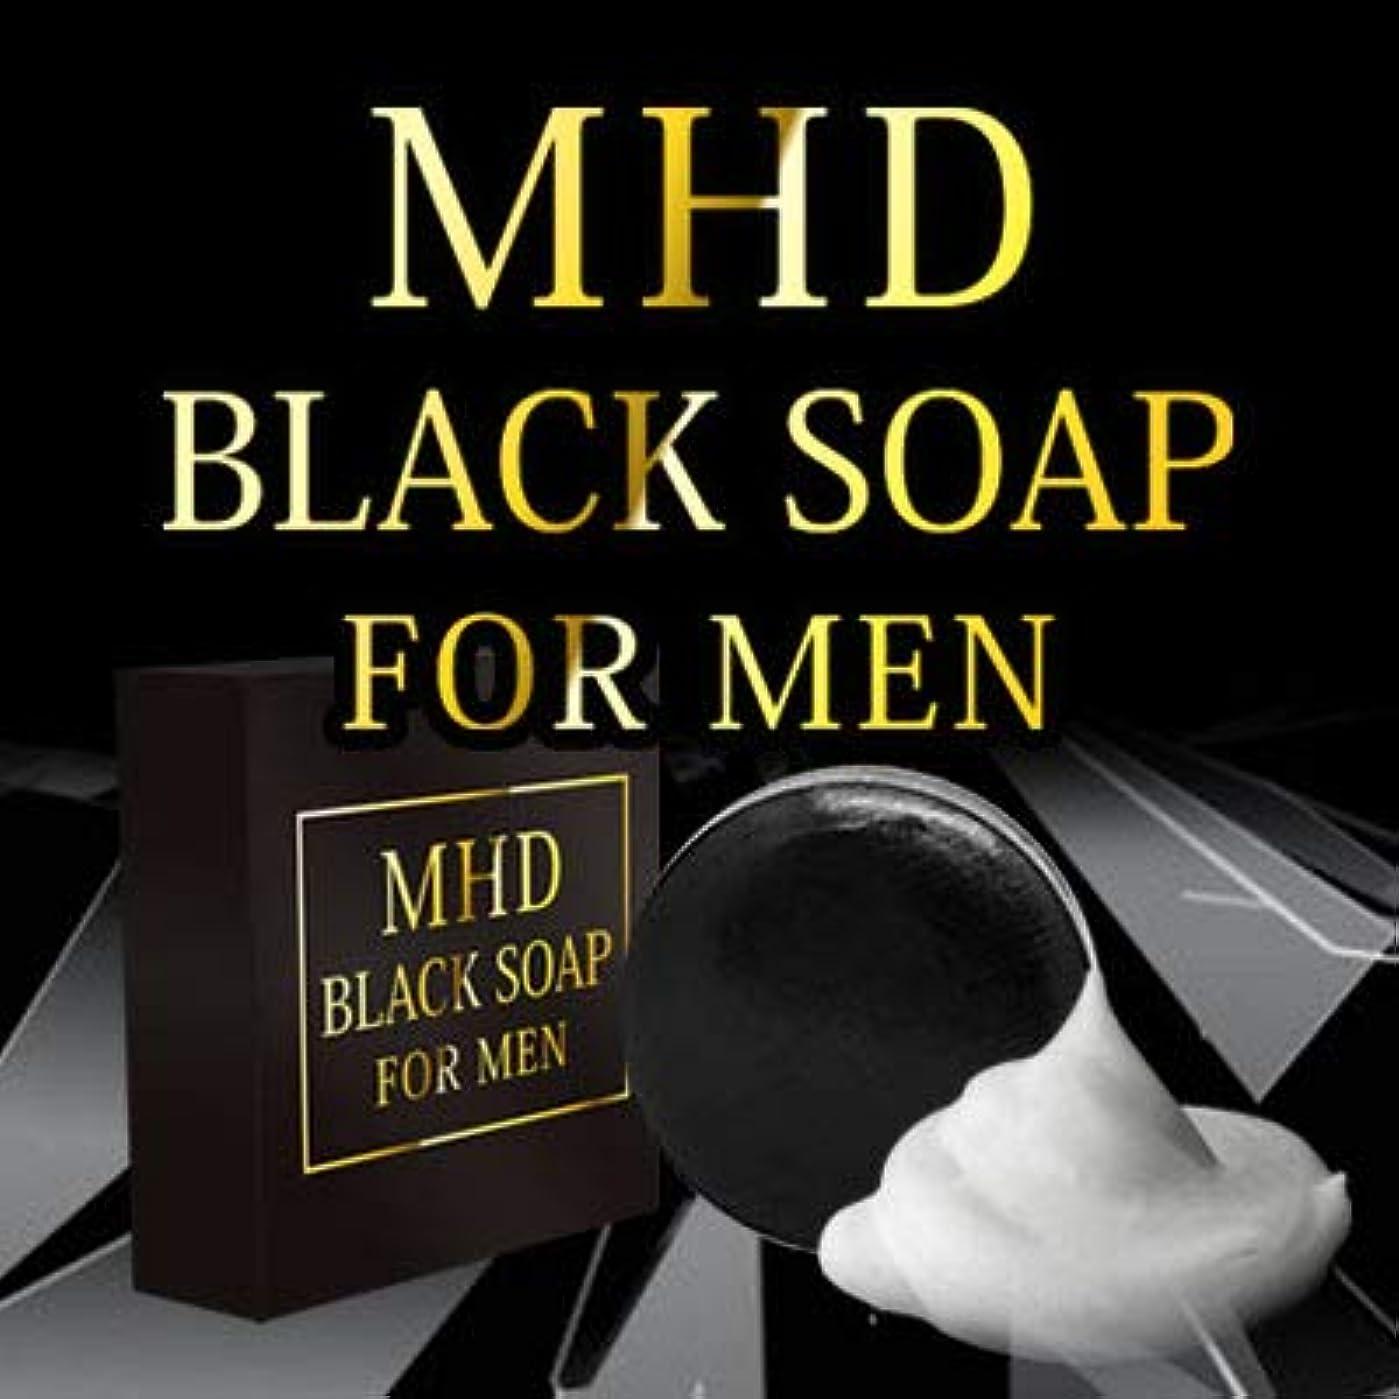 スティックふくろう縫うMHD石鹸(BLACK SOAP FOR MEN) メンズ用全身ソープ